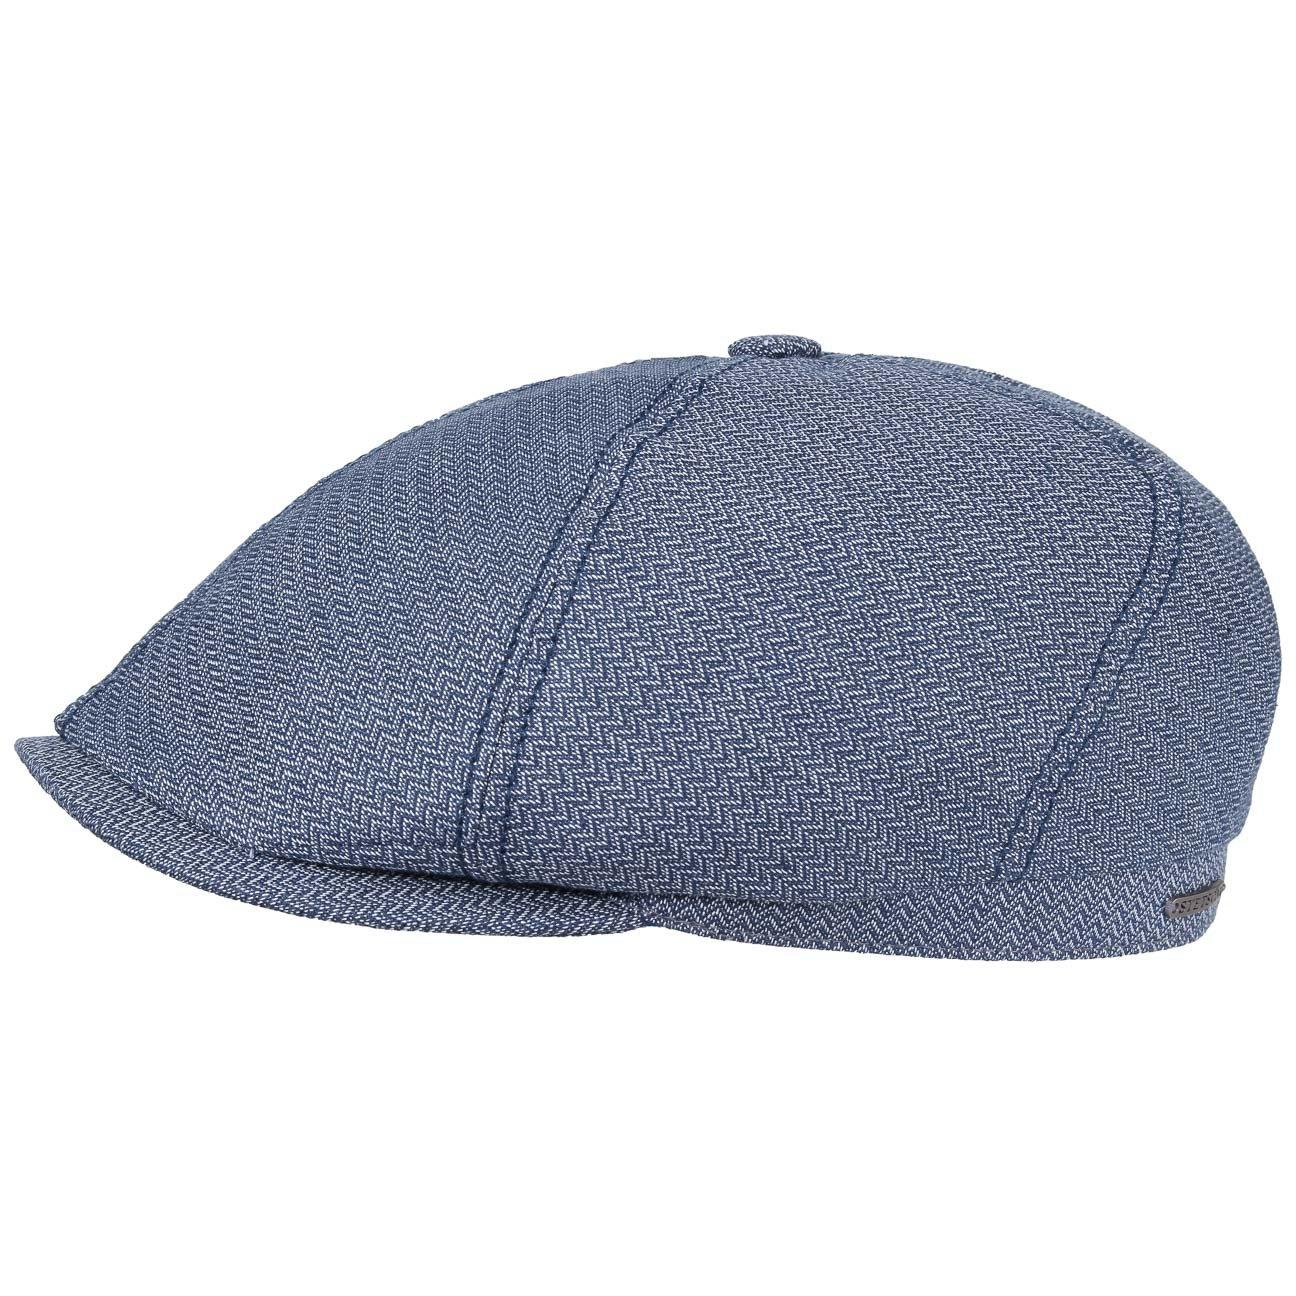 Made in The EU Stetson Brooklin Zigzag Flat Cap Men